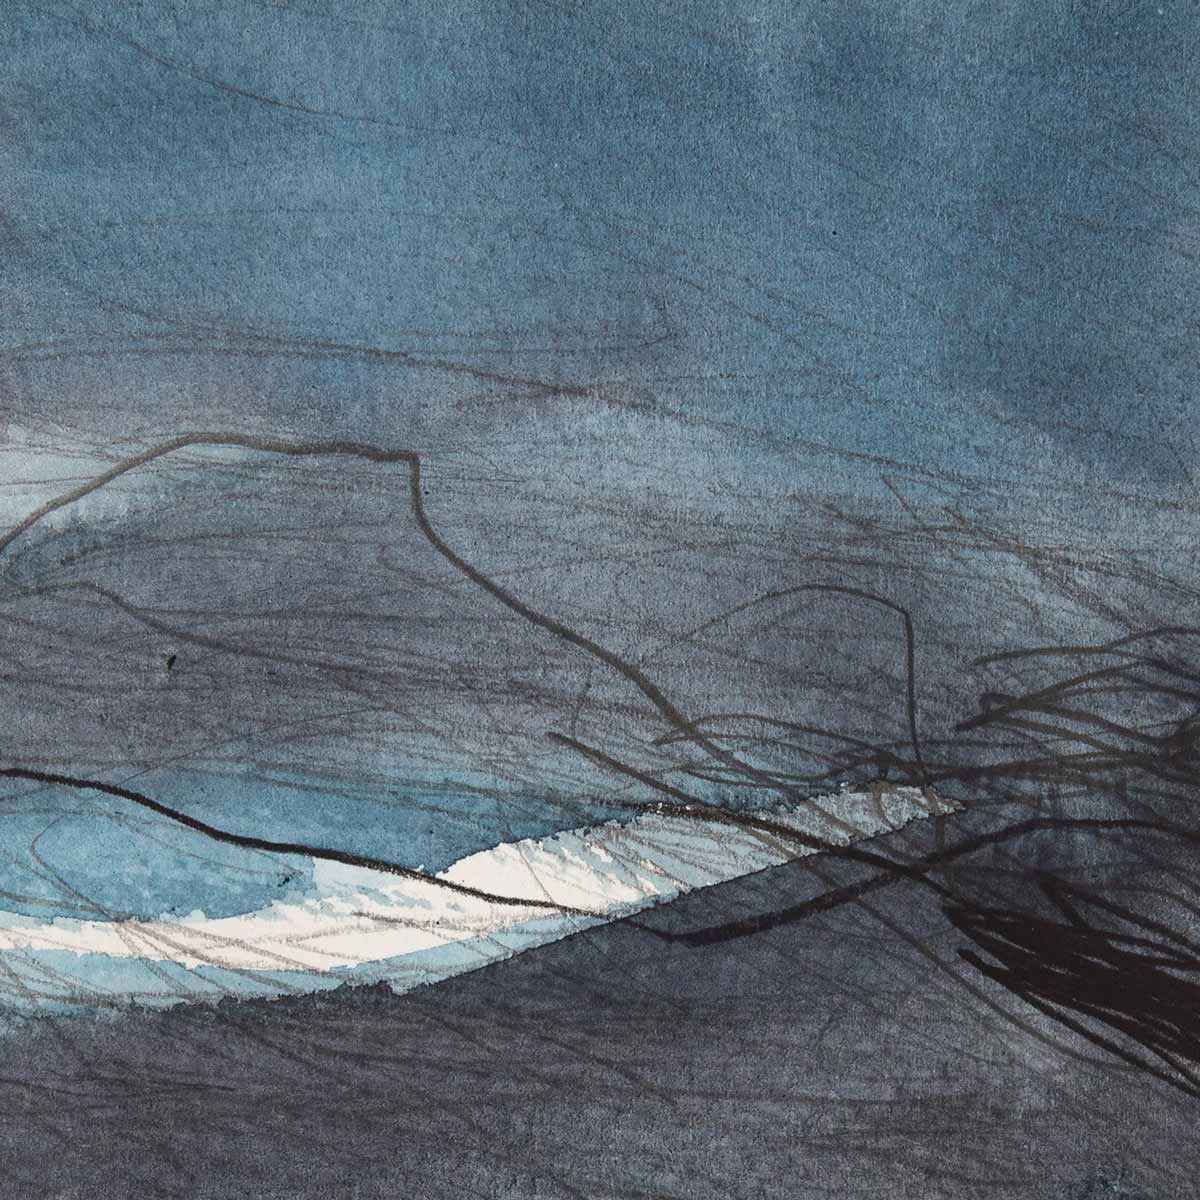 10 x 10 cm, aquarelle et crayons sur papier, 2 nov 14